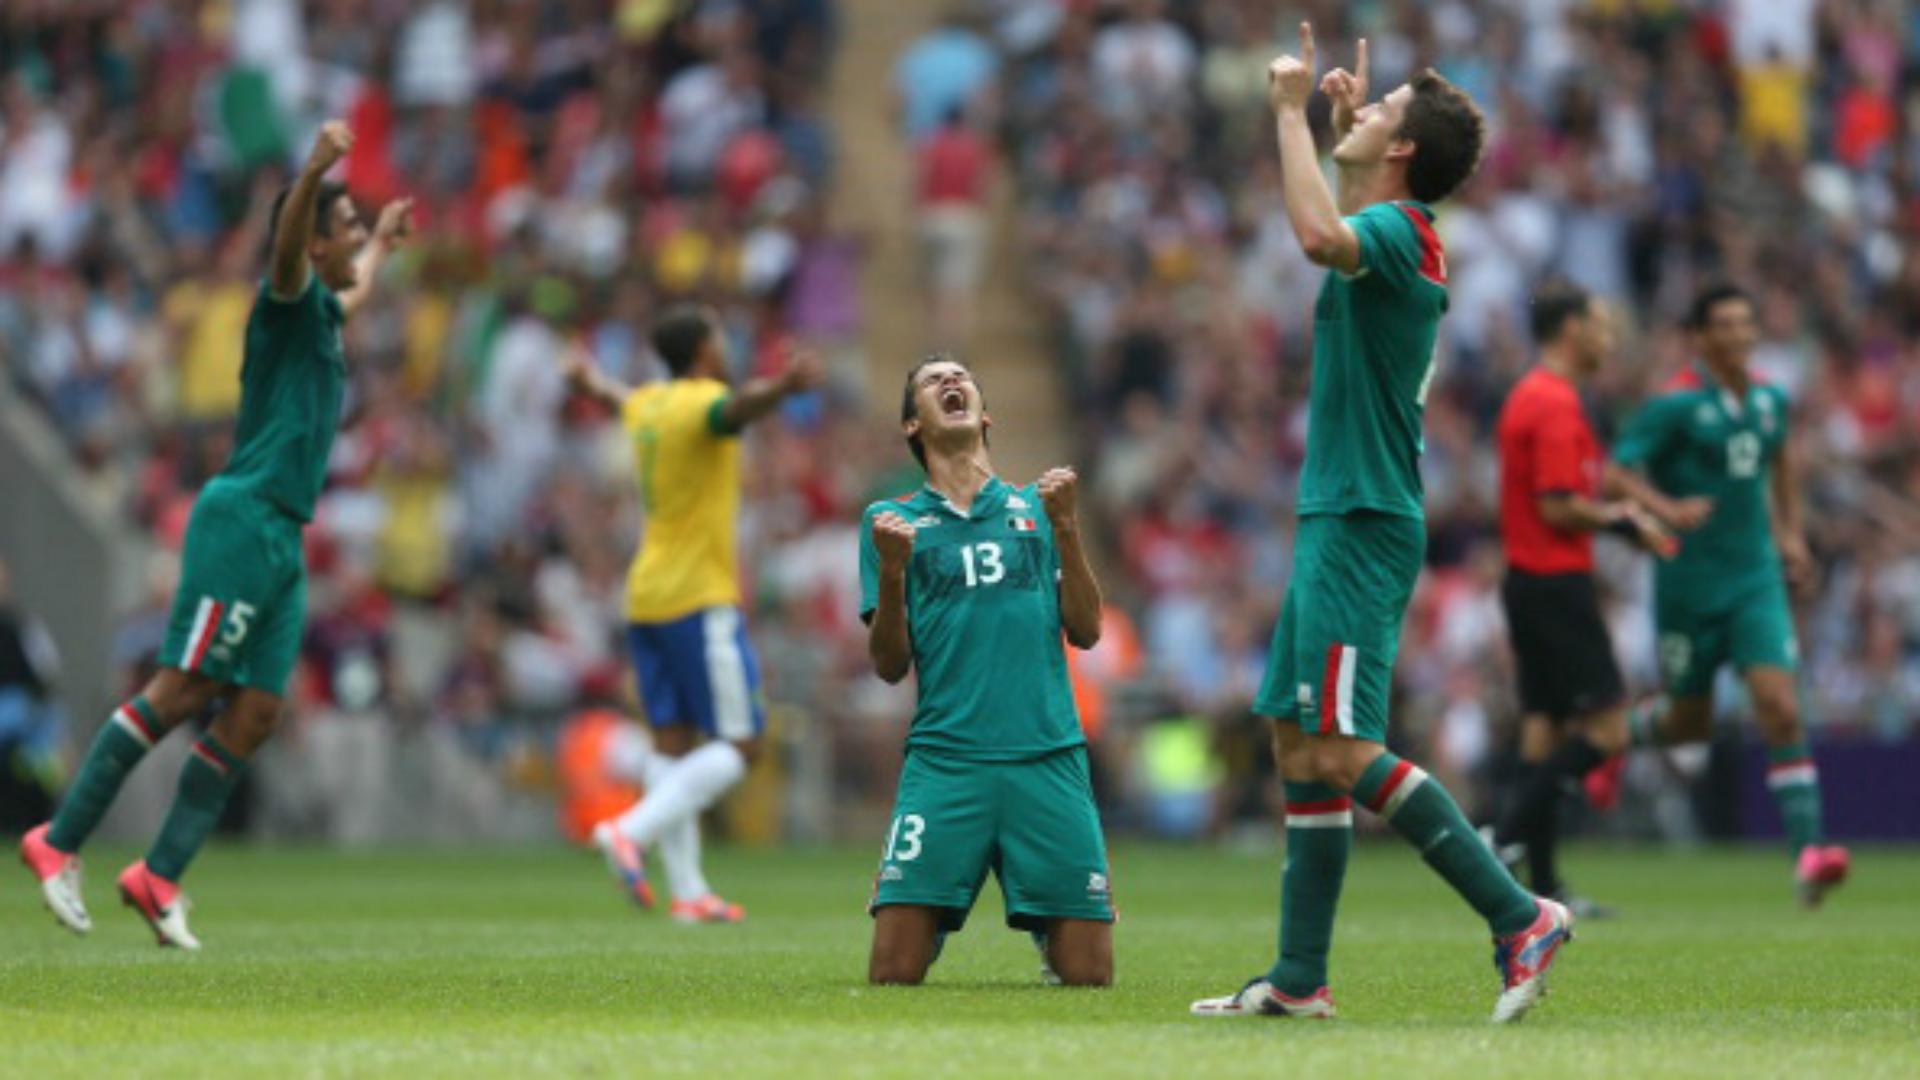 México, Juegos olímpicos, 2012